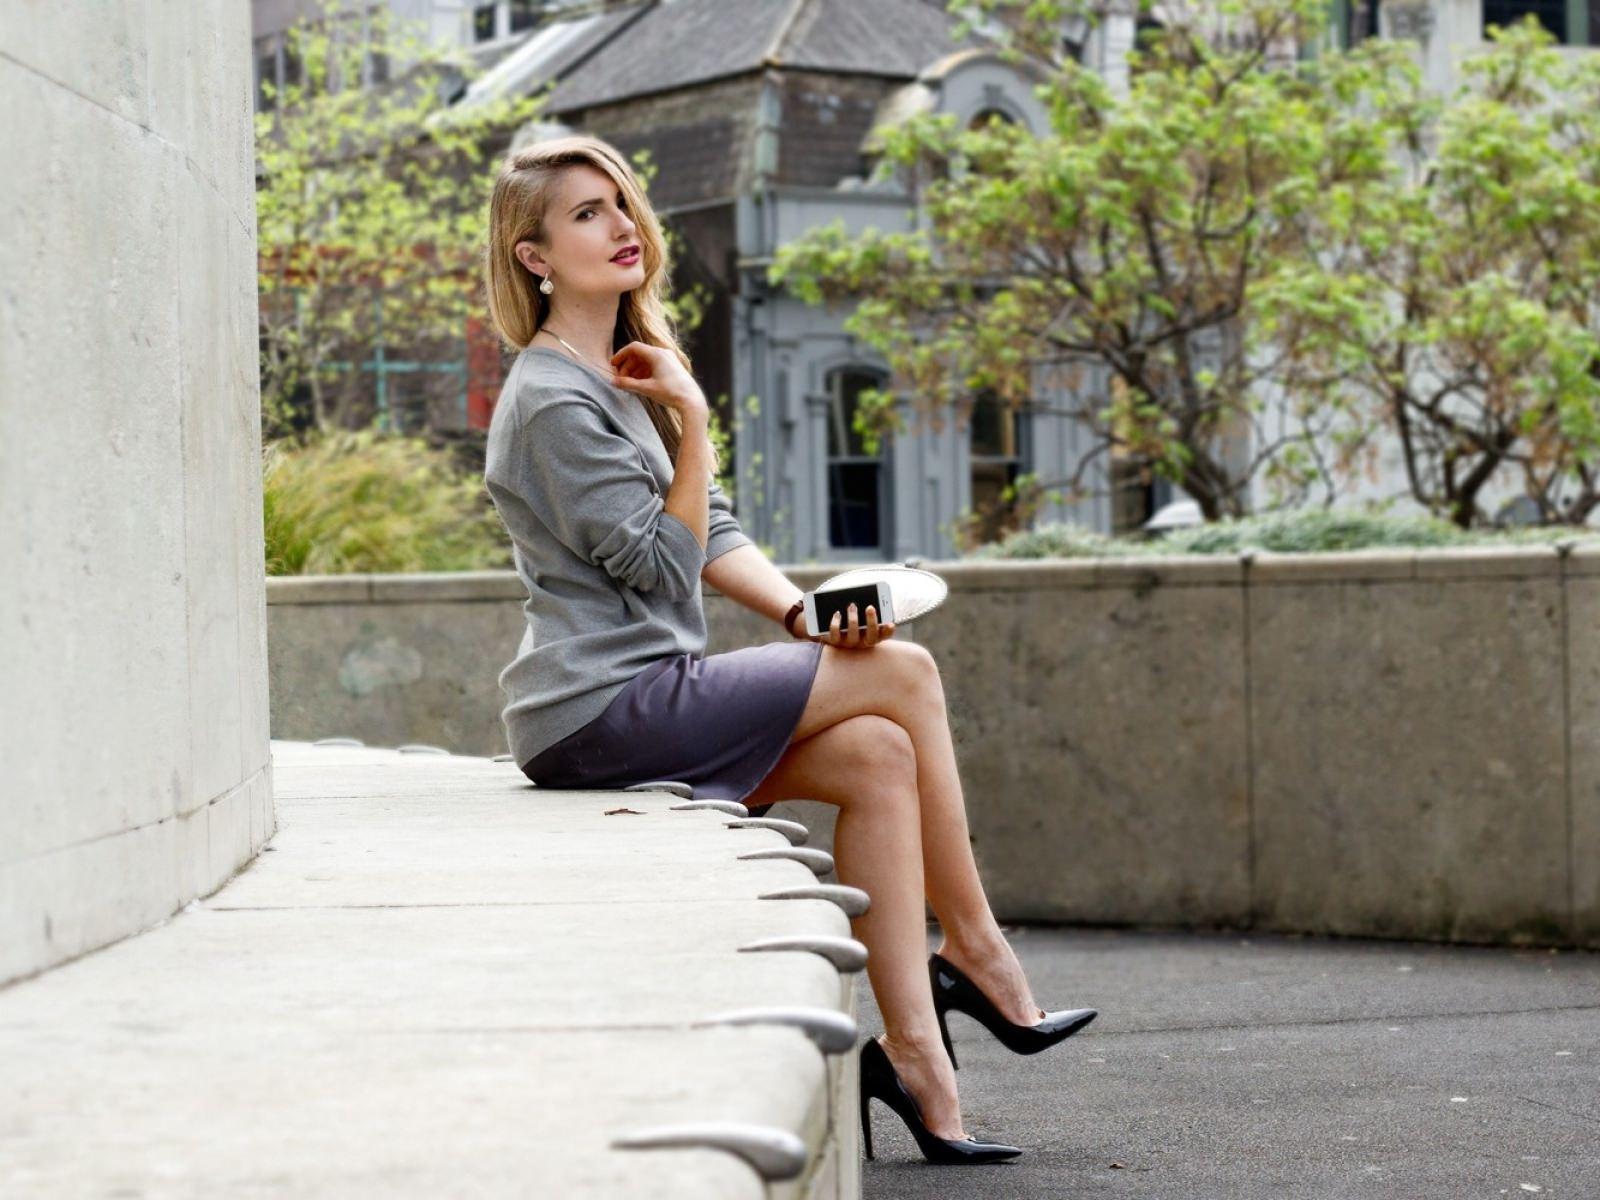 Women-in-high-heels-using